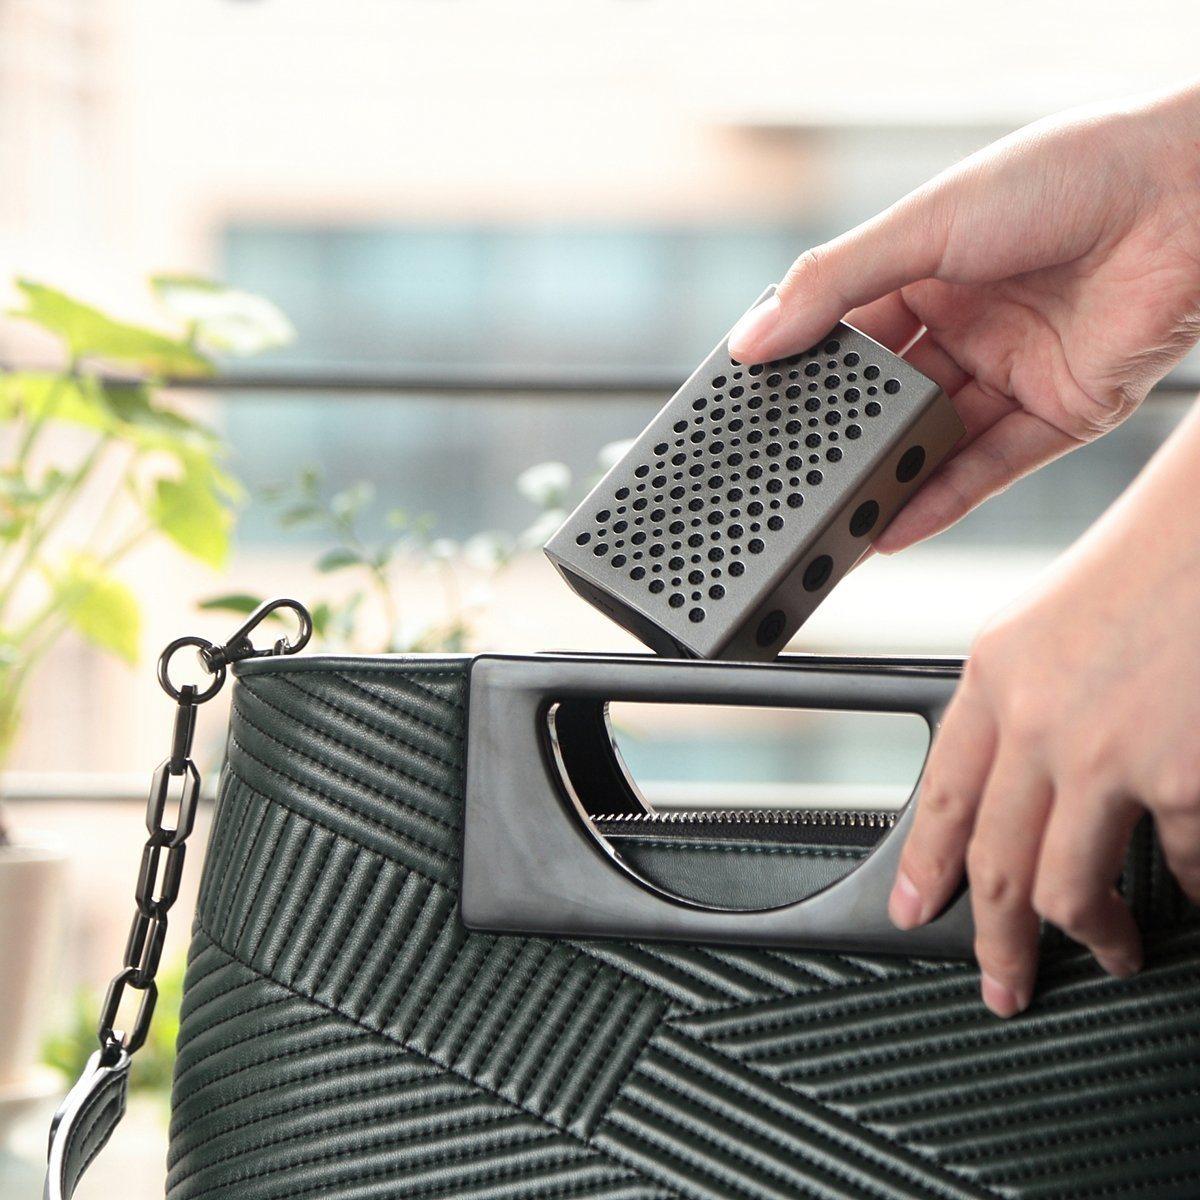 Gymsense Bluetooth Wireless Pocket Stereo Waterproof Speaker